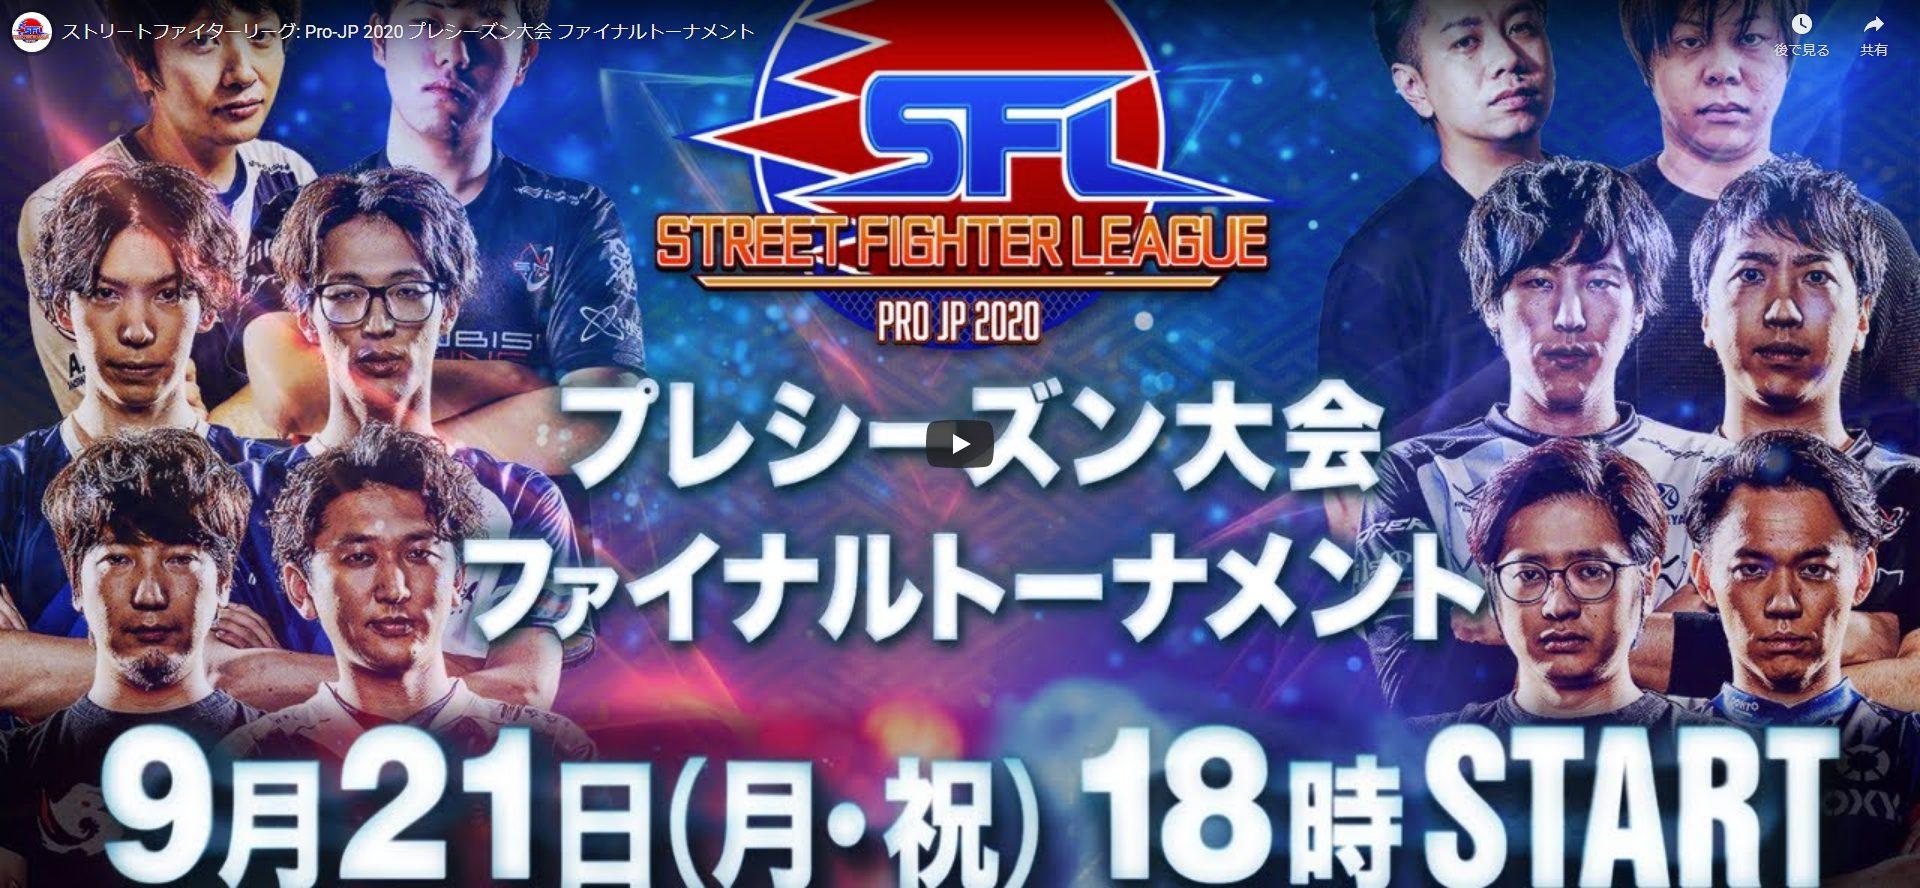 2 6 1 - 格闘ゲームの神「ウメハラ(40)」 300万円の大会の決勝戦で、まさかの19歳の少年に負けてしまう・・・・